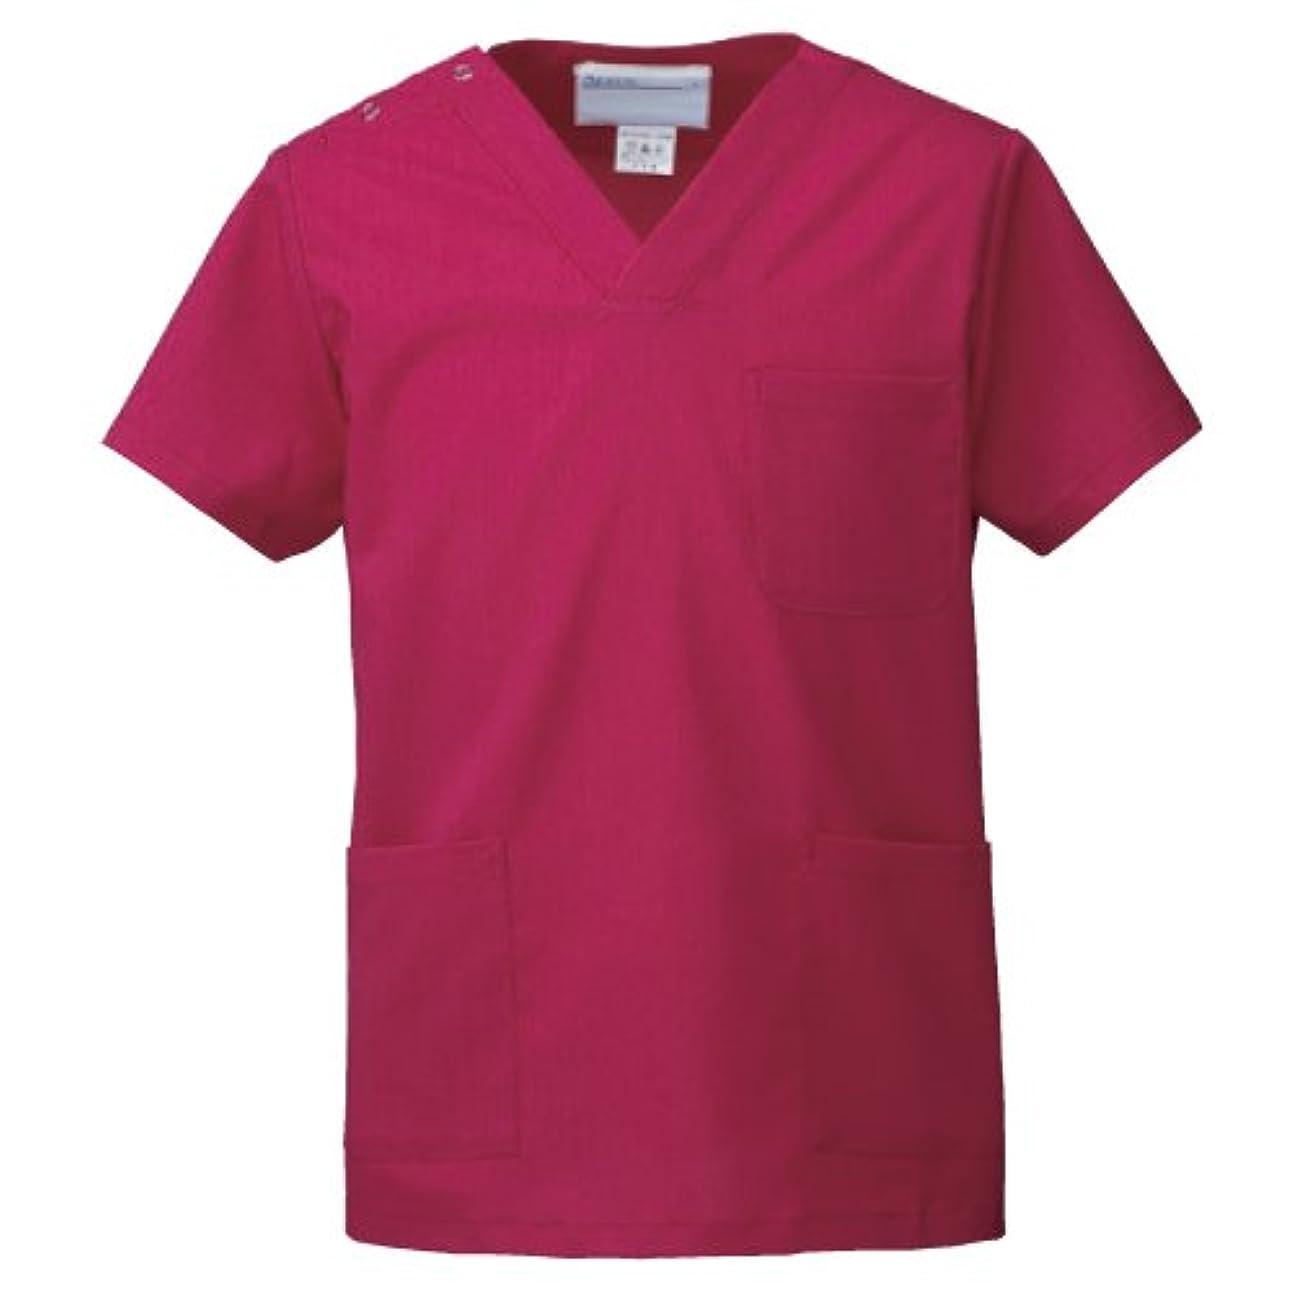 事務所補償教えて医療ユニフォーム 手術衣  スクラブ(男女兼用) KAZEN マゼンタ サイズ:SS  133-93